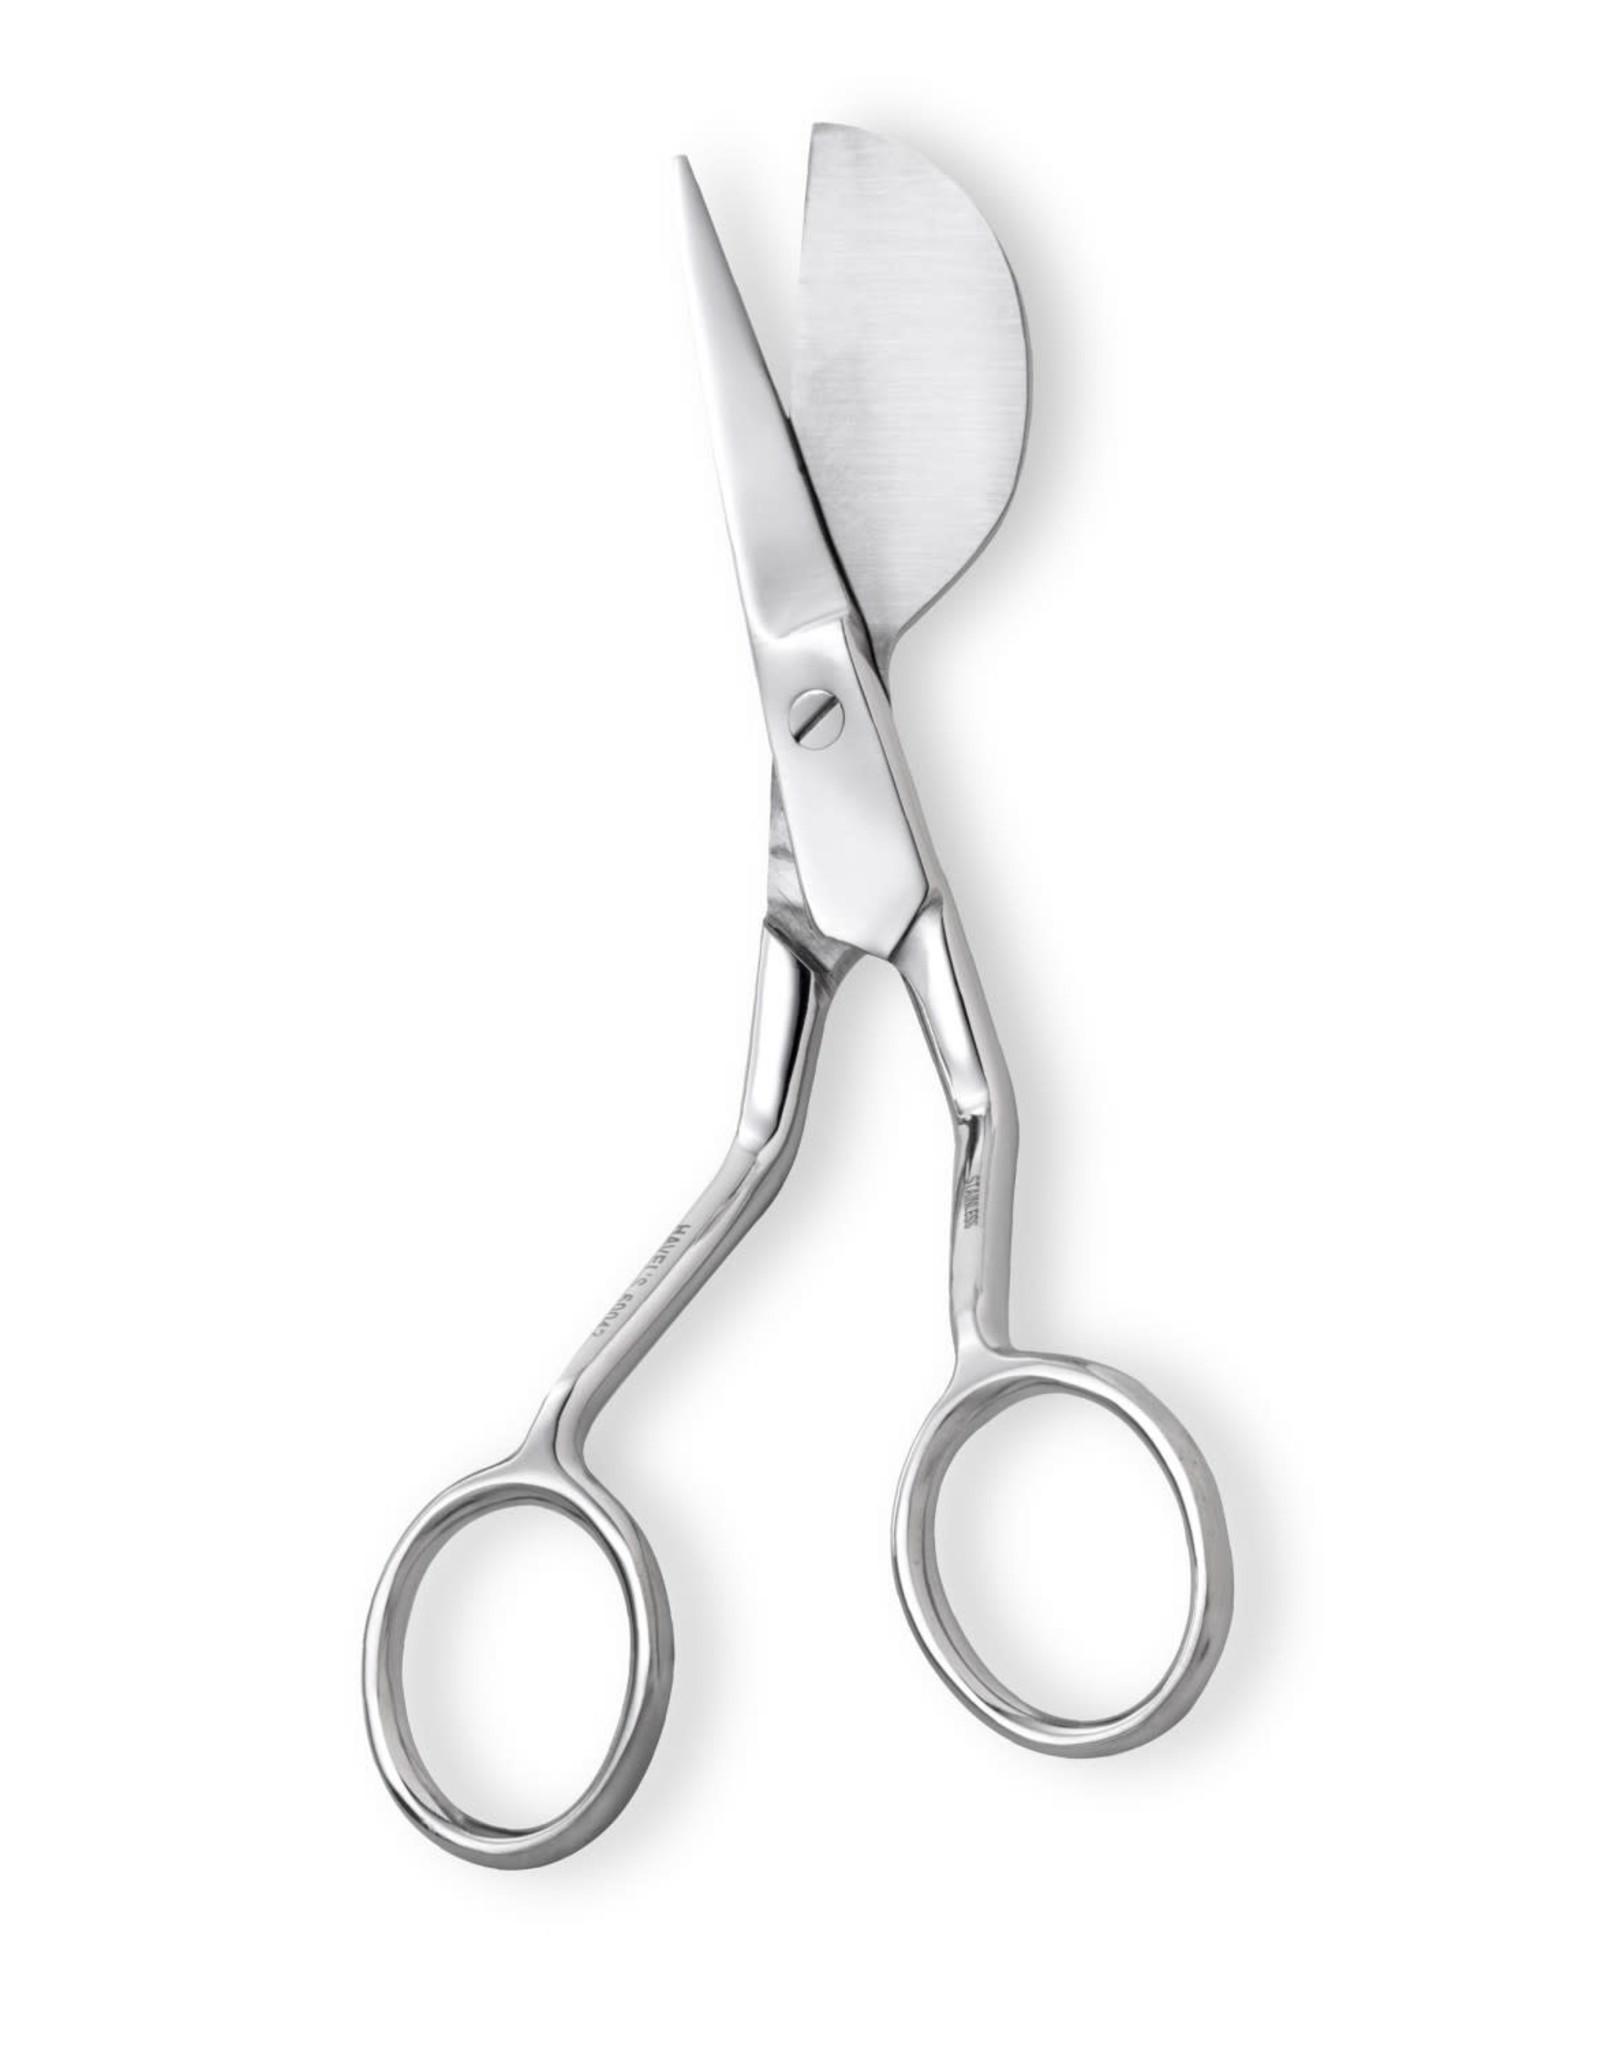 Duckbill Appliqué scissors 5,5 inch - rechtshandig